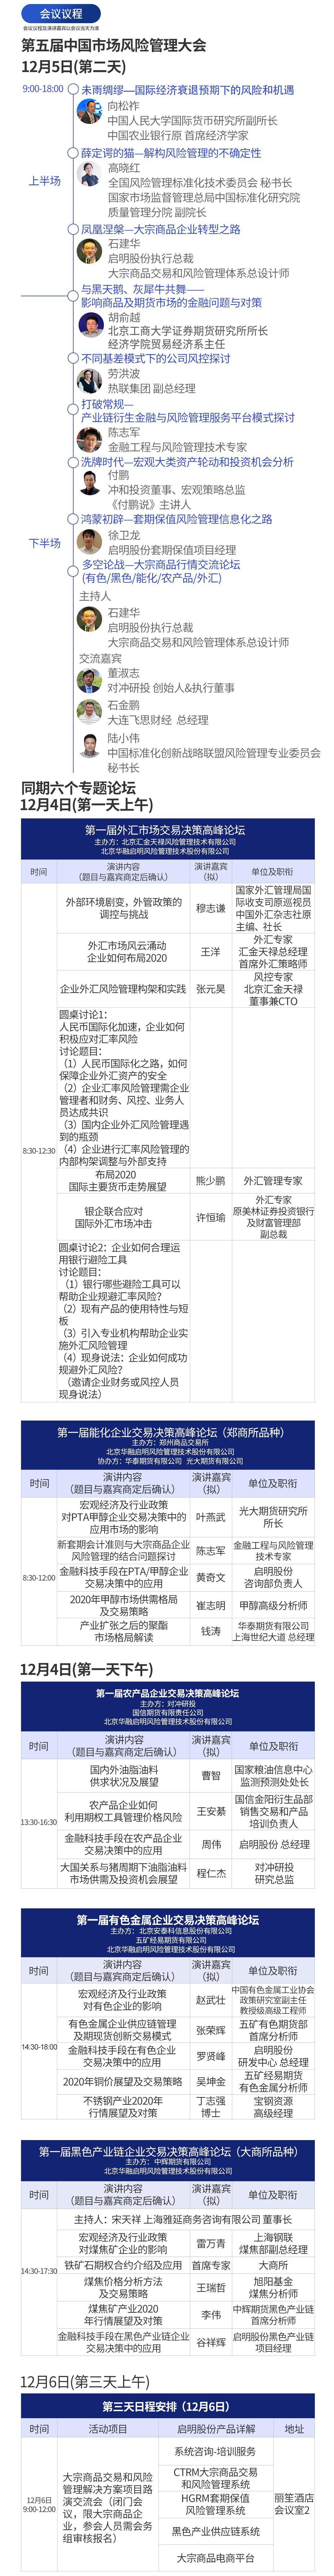 2019第五届中国市场风险管理大会(上海)